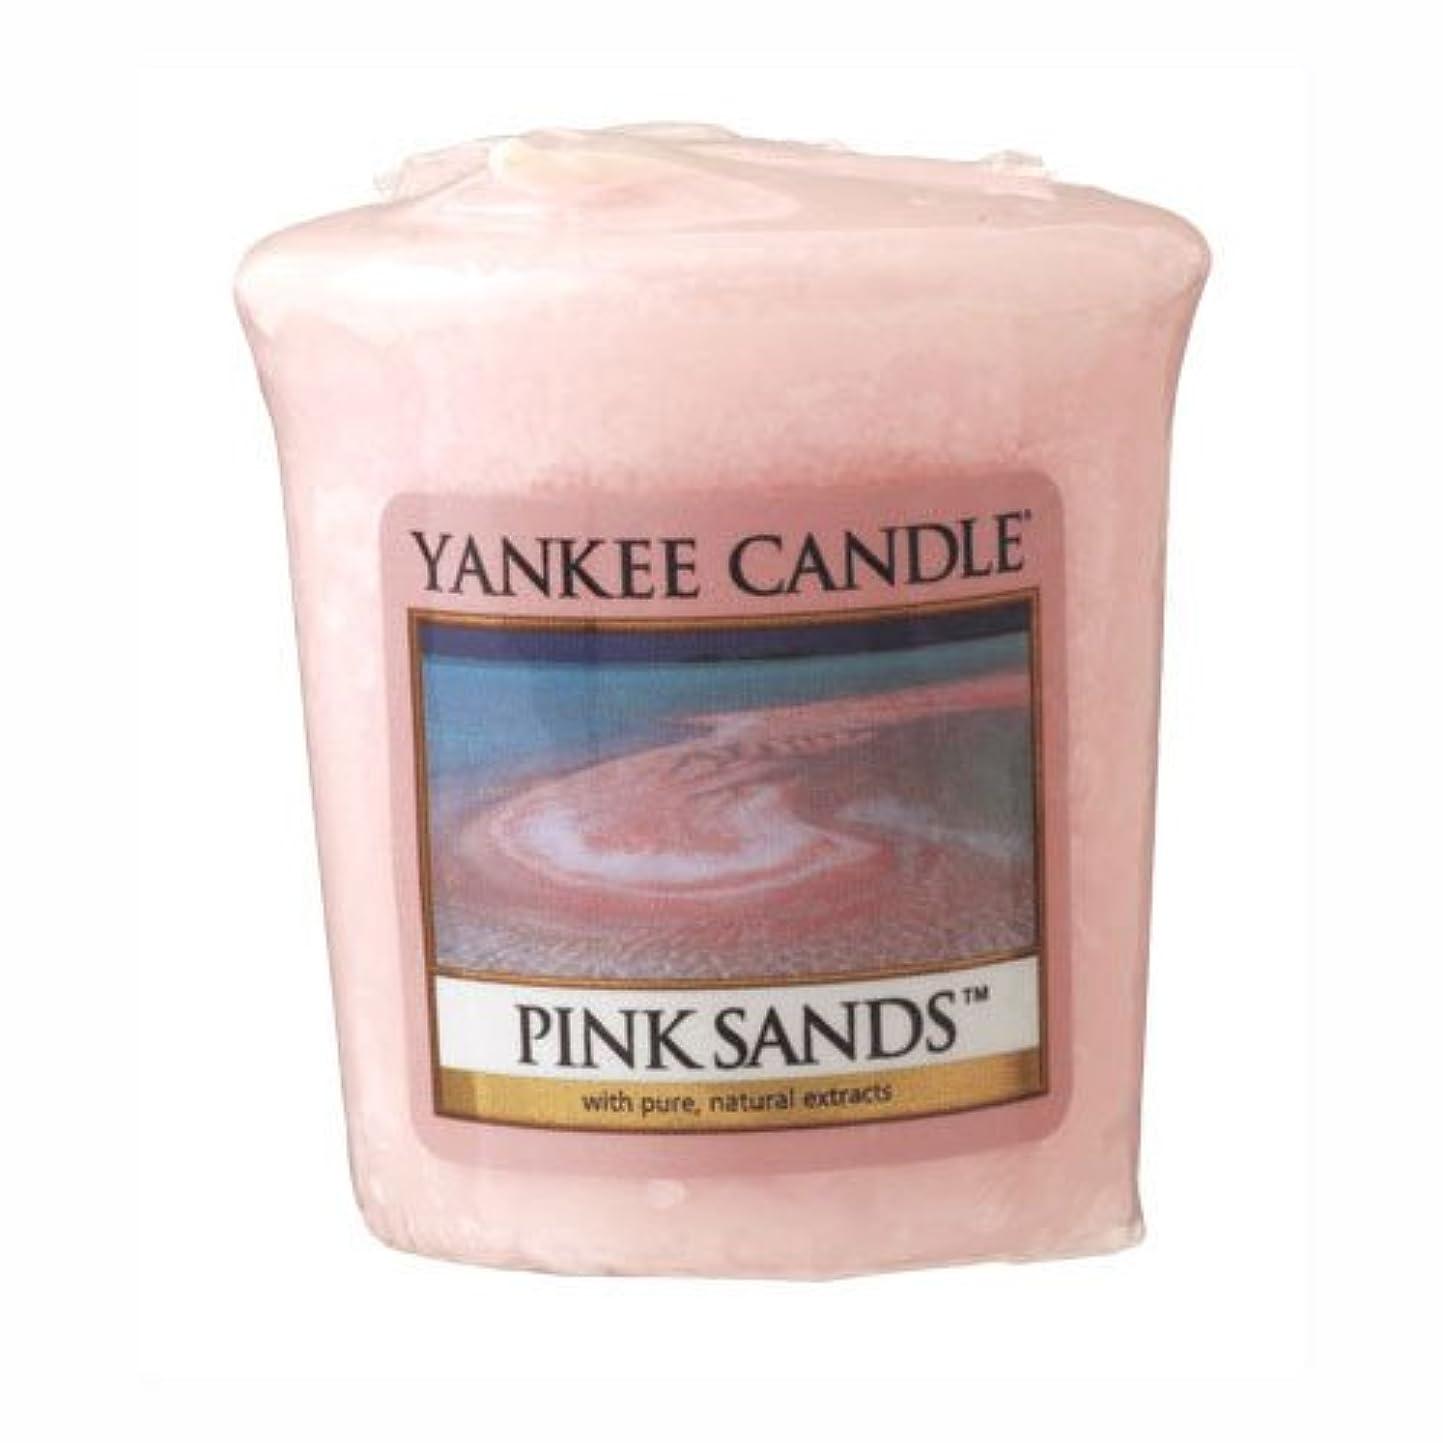 ヤンキーキャンドル 正規品 YCサンプラー ピンクサンド (YK00105147 4901435876443)